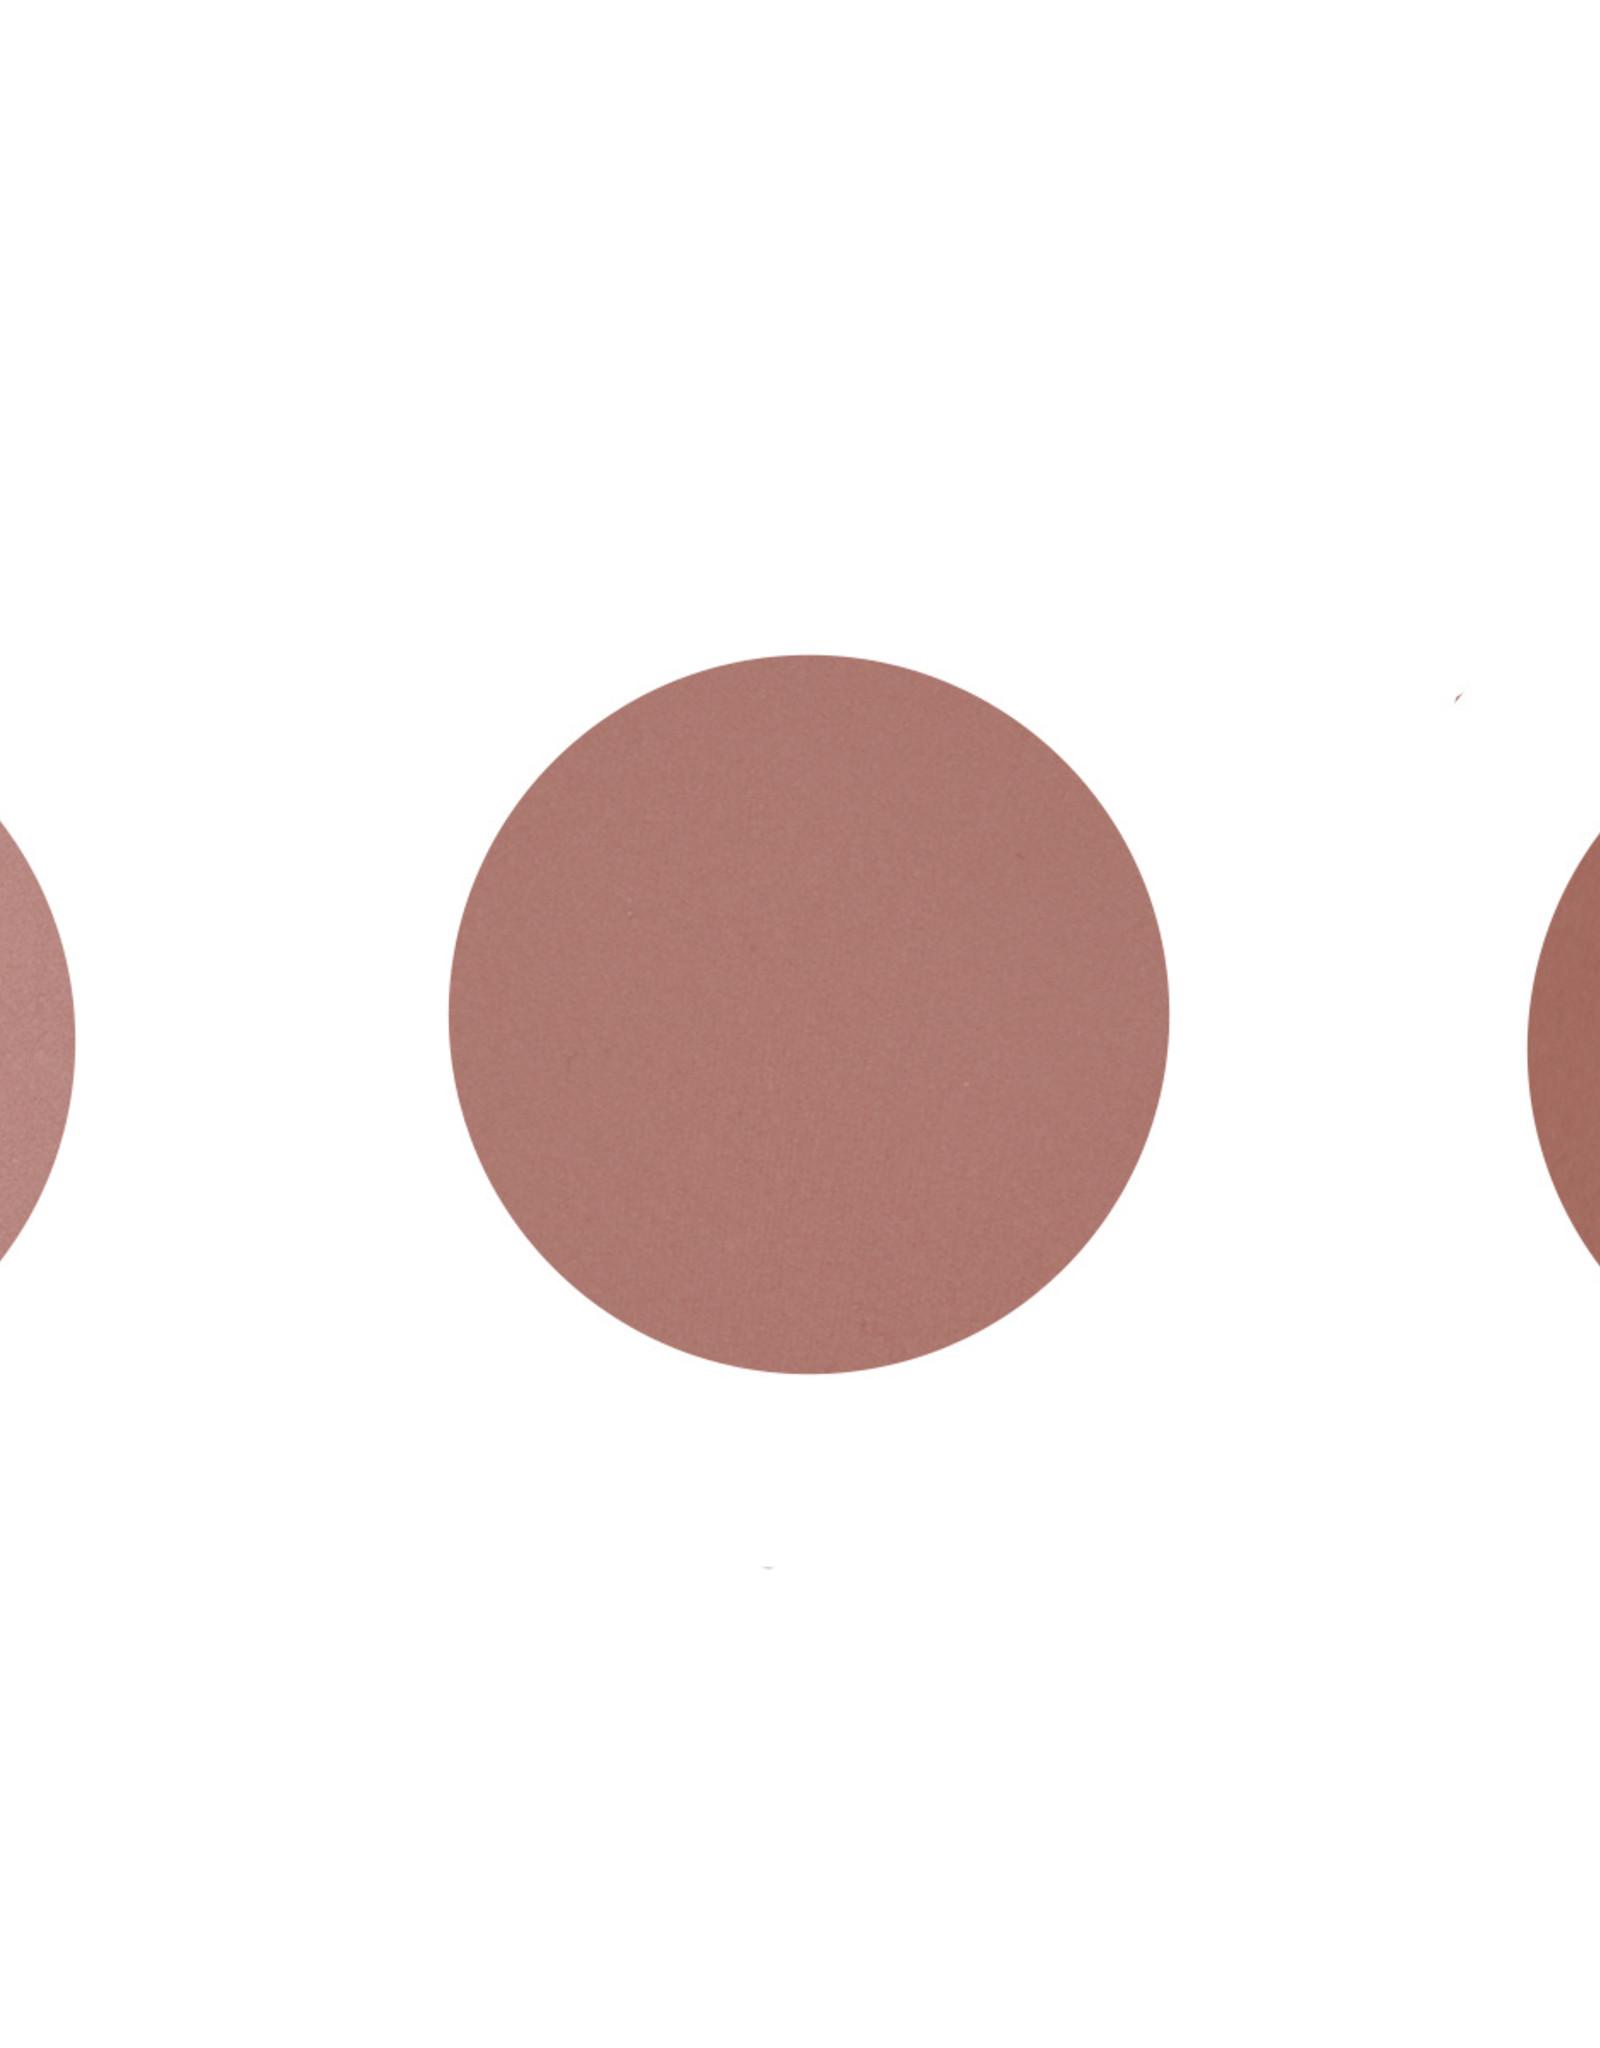 CentpurCent Cent pur Cent - Refillable Compacte Foundation - Light